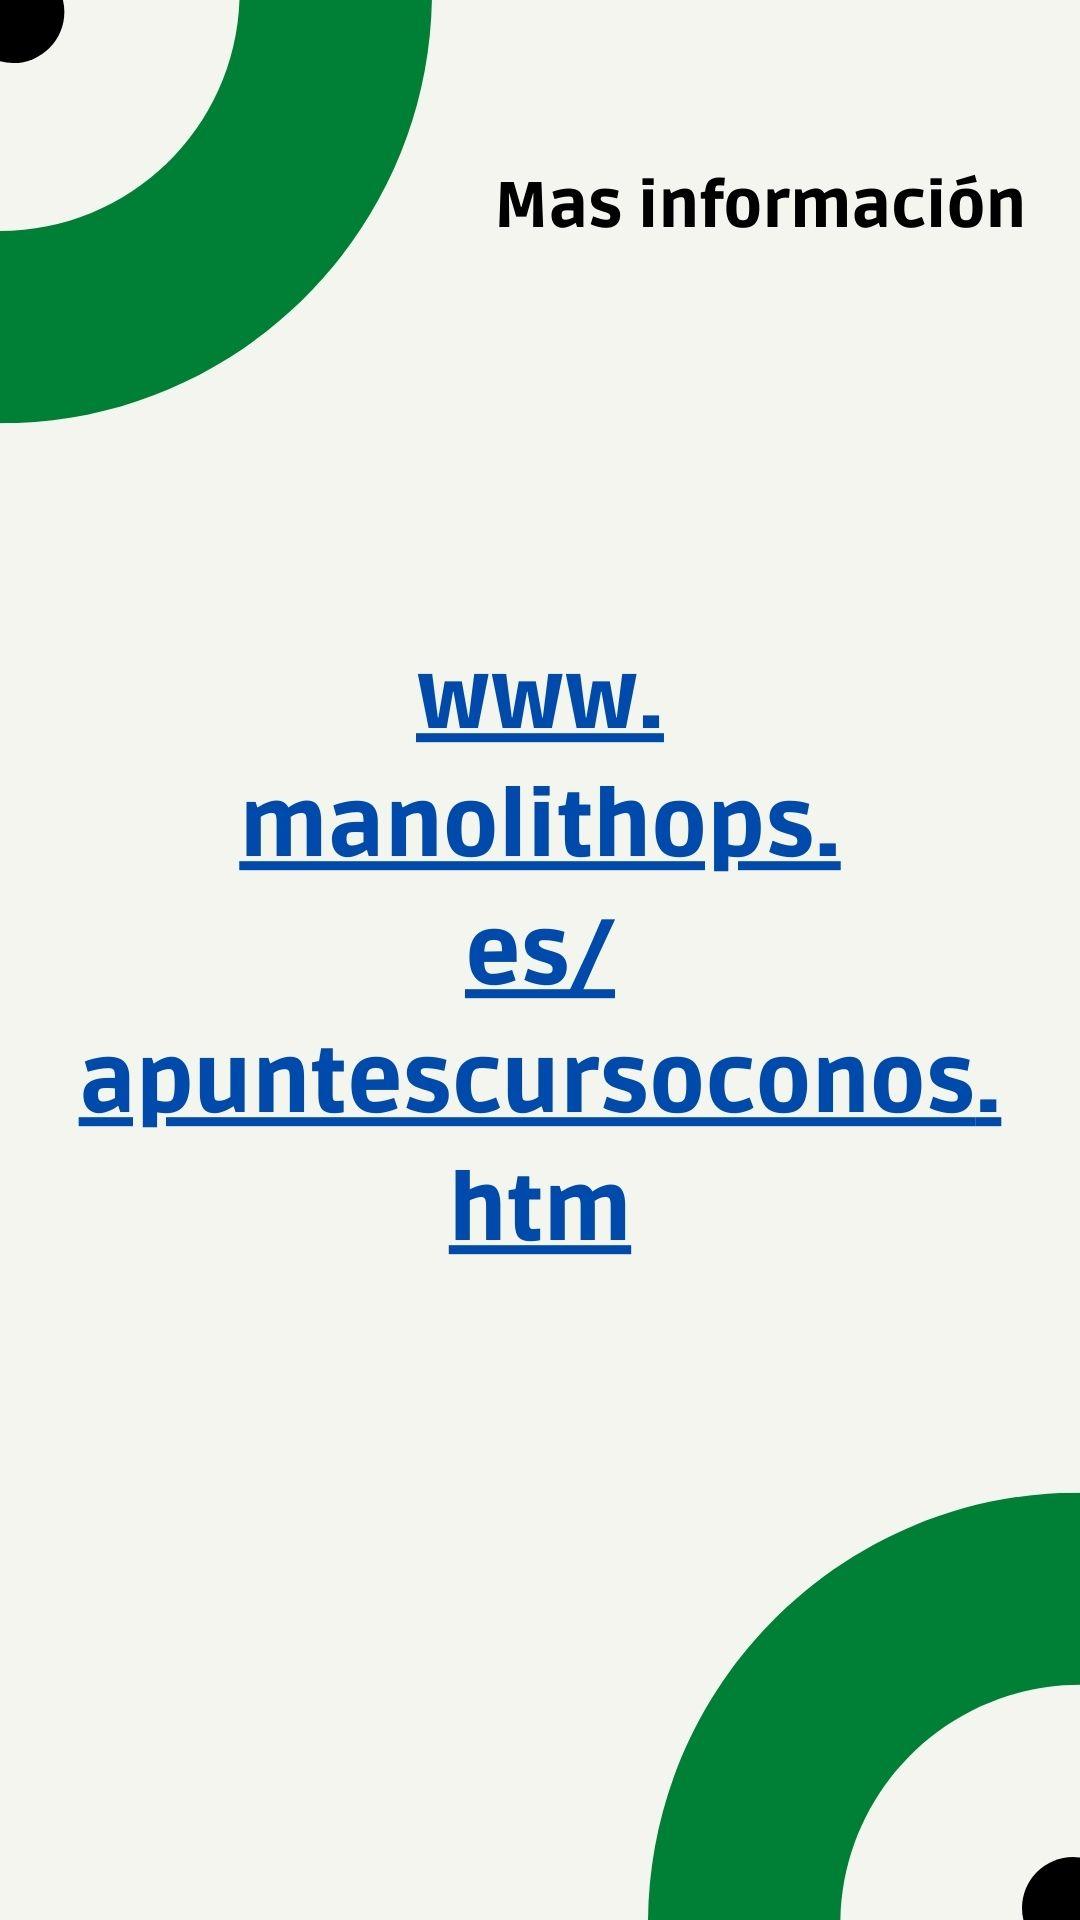 (c) Manolithops